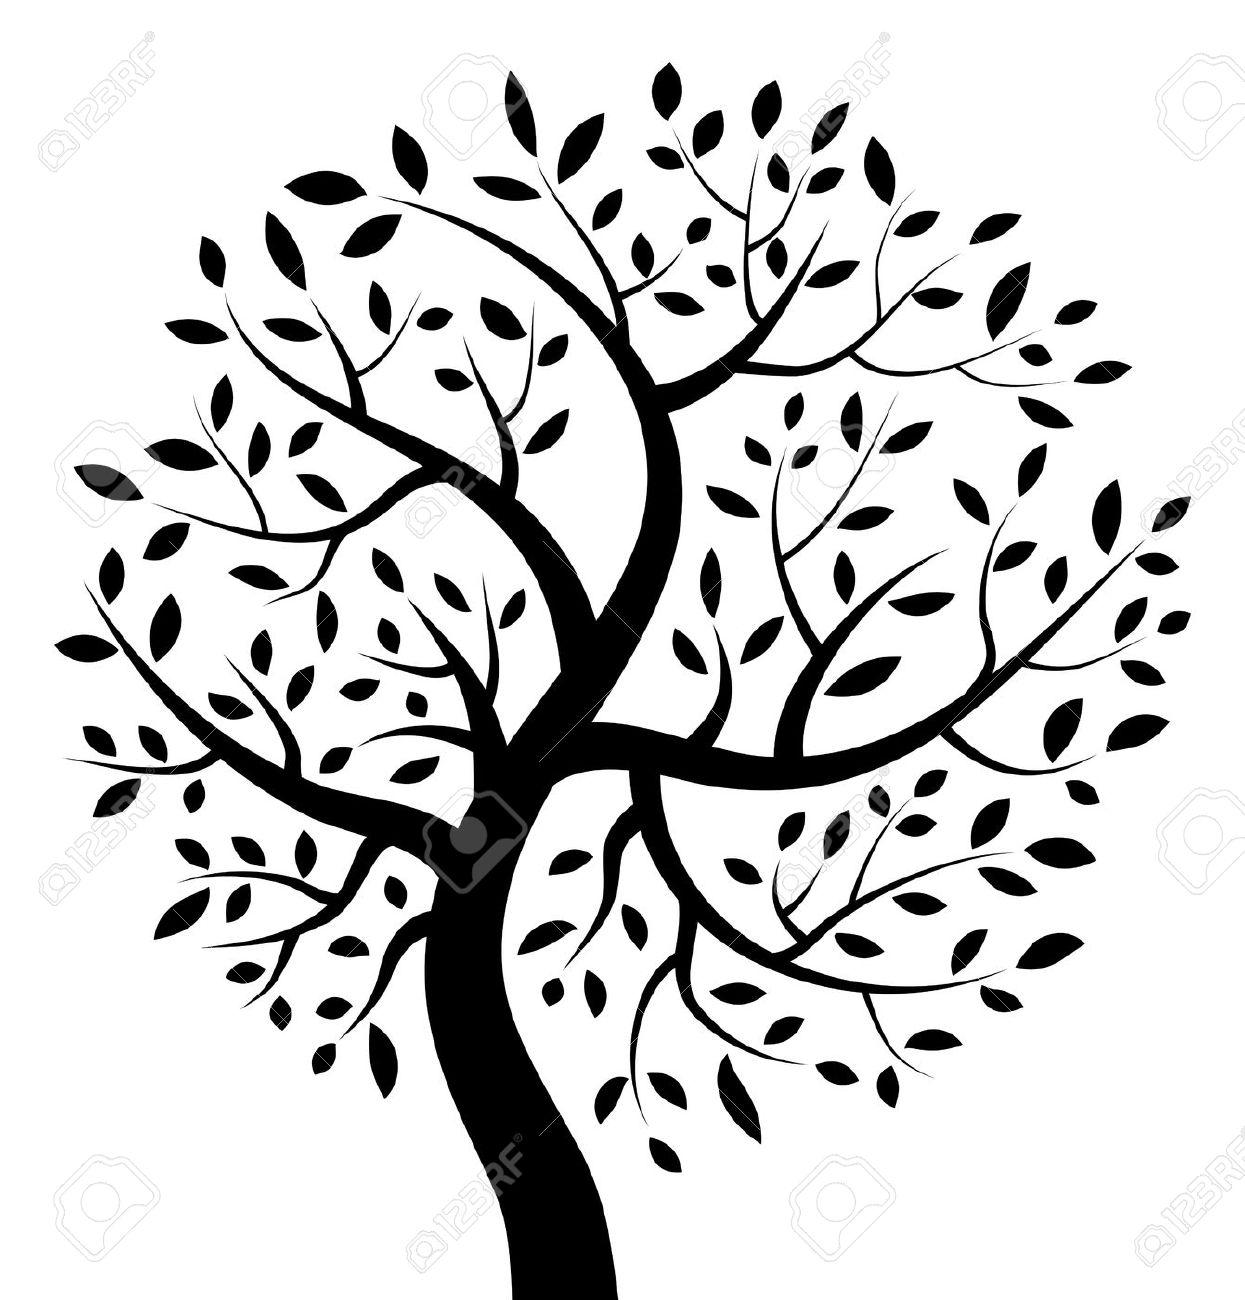 Tree life clipart.